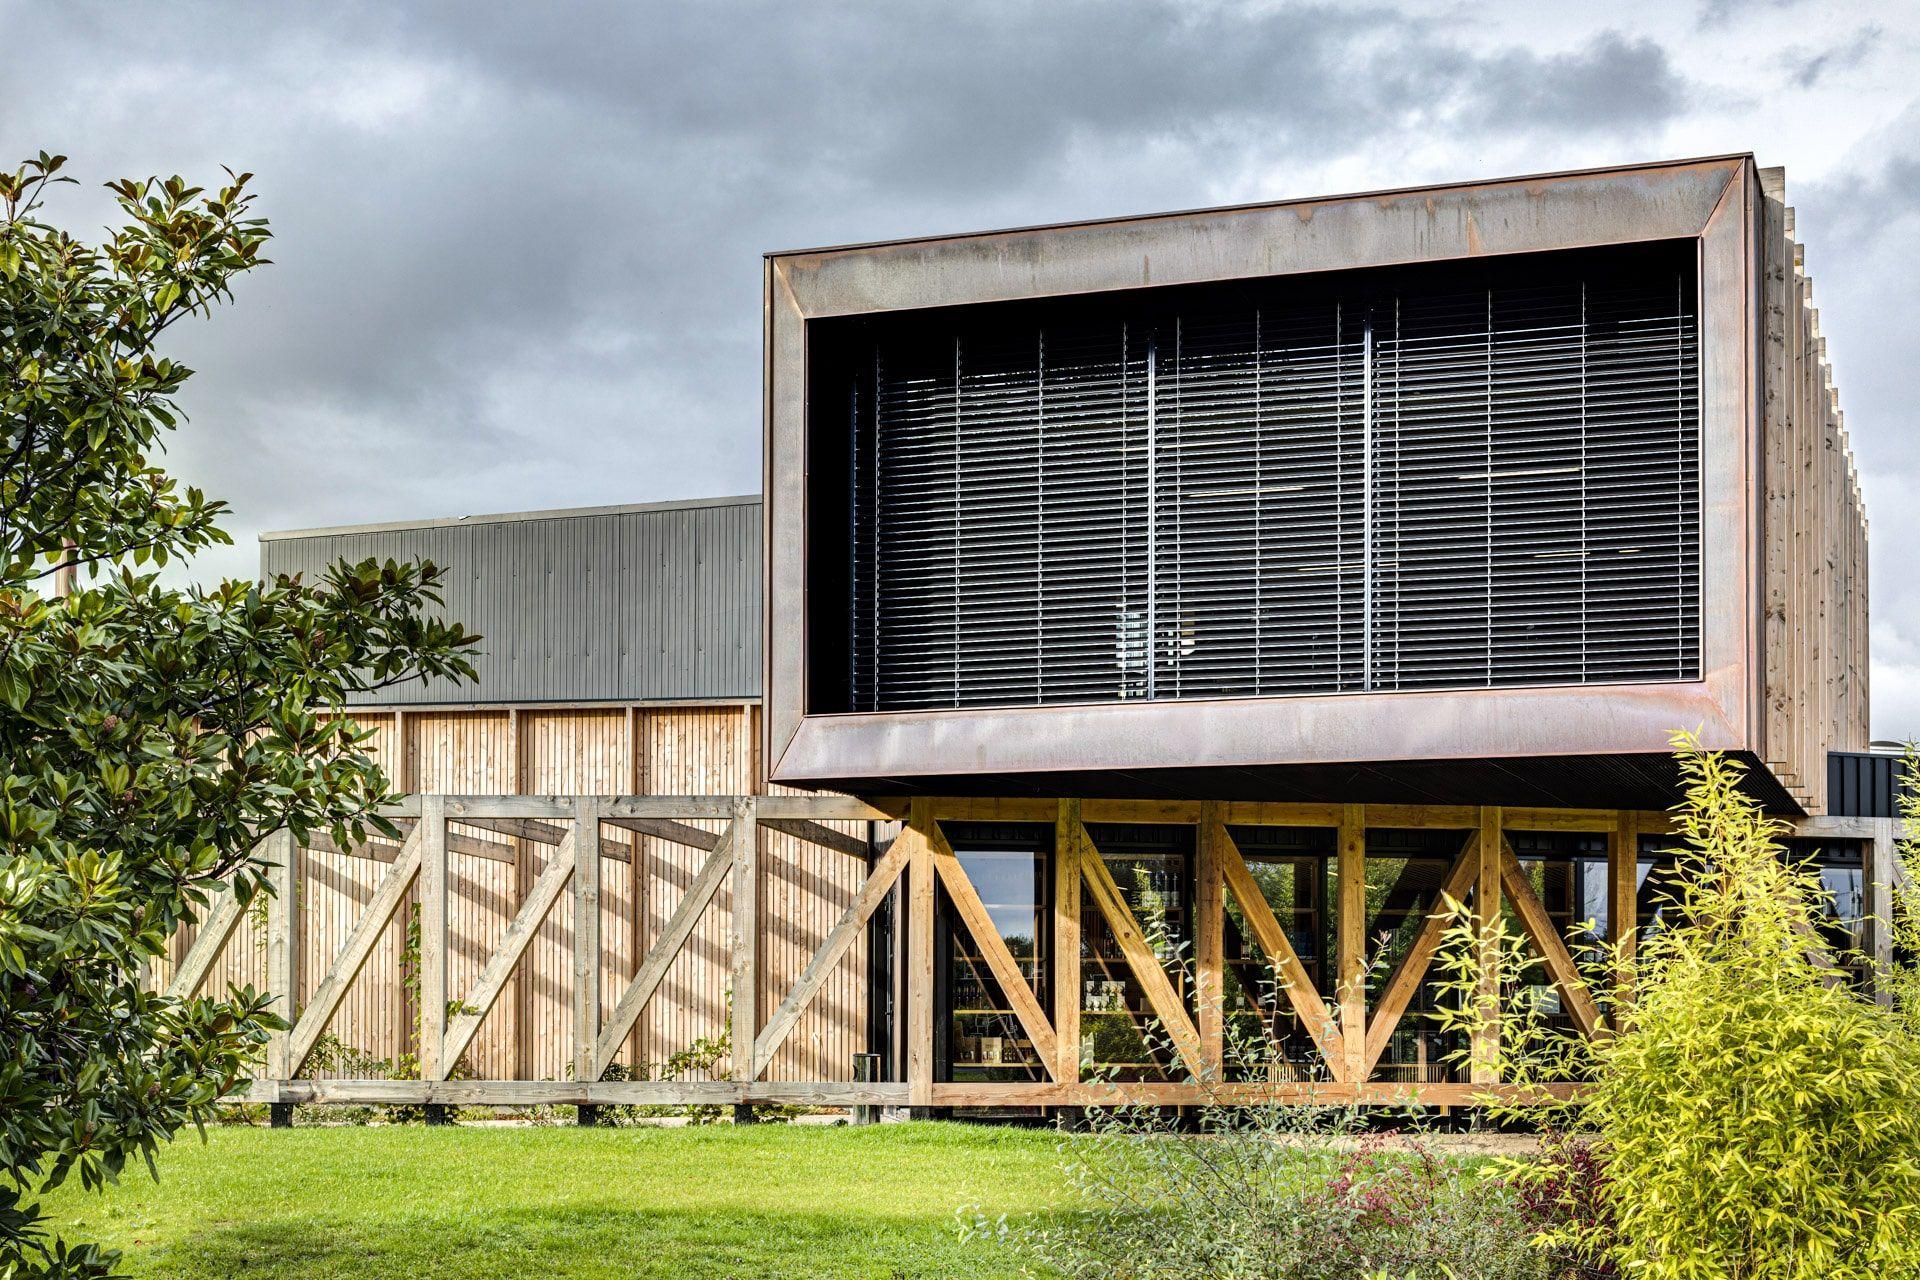 La protección solar se destaca como un elemento clave para garantizar el ahorro energético según Griesser